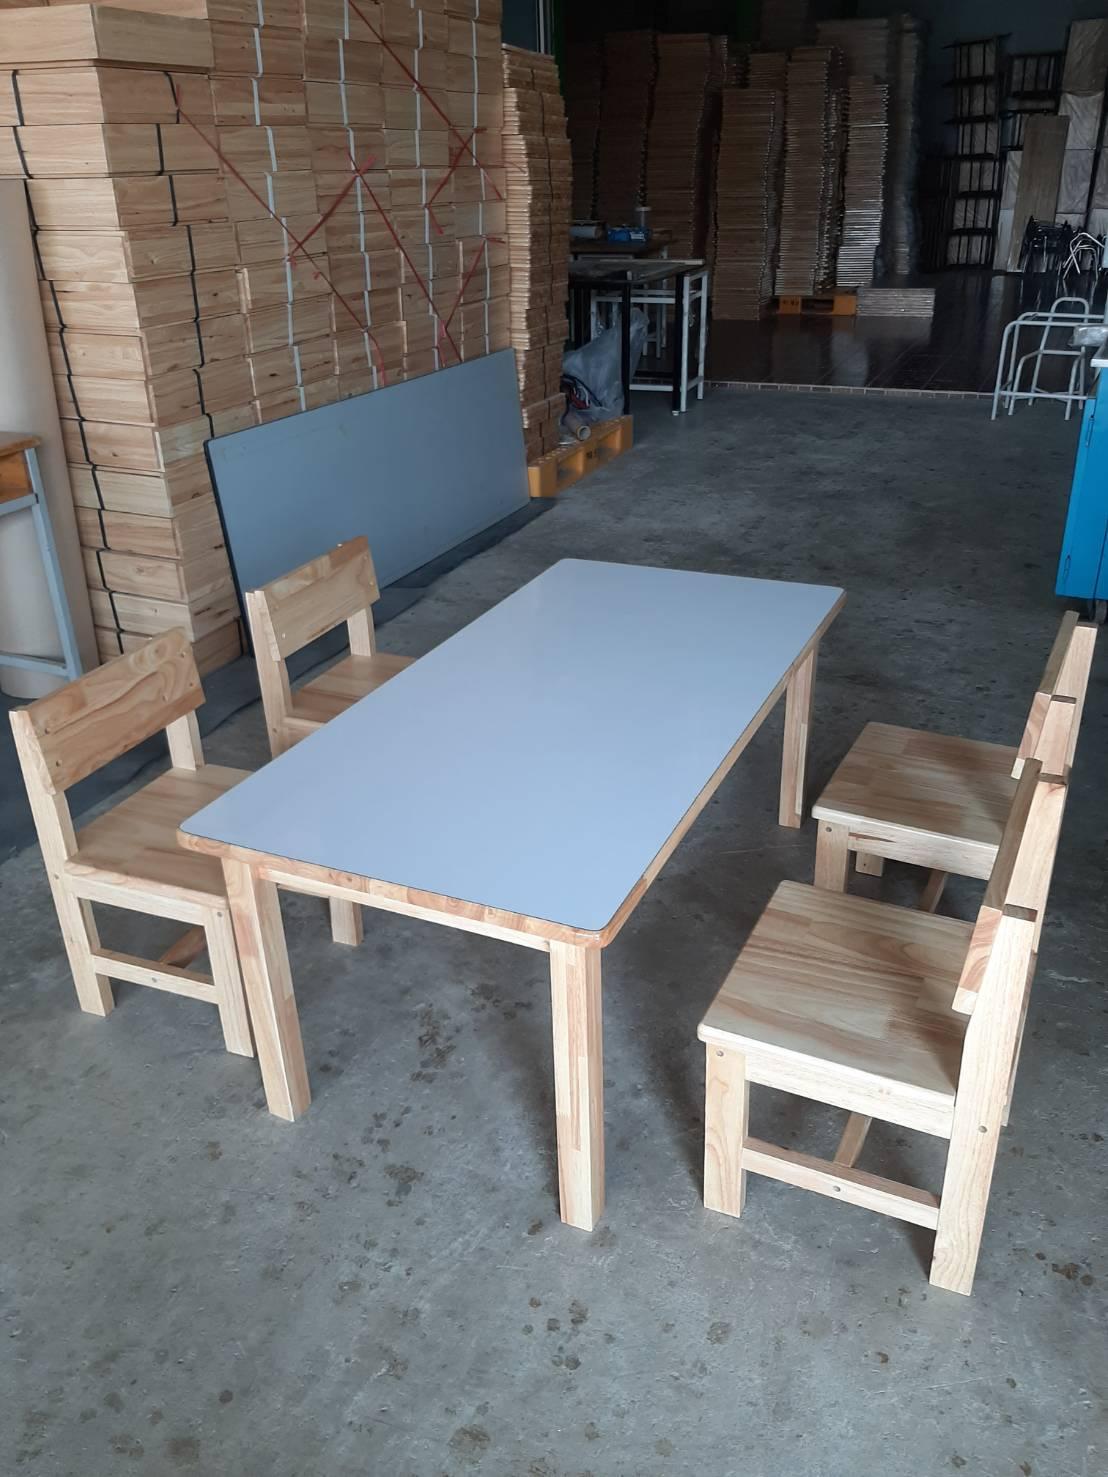 โต๊ะ อนุบาล ไม้ยางพารา ขาไม้ ติดลามีเนส